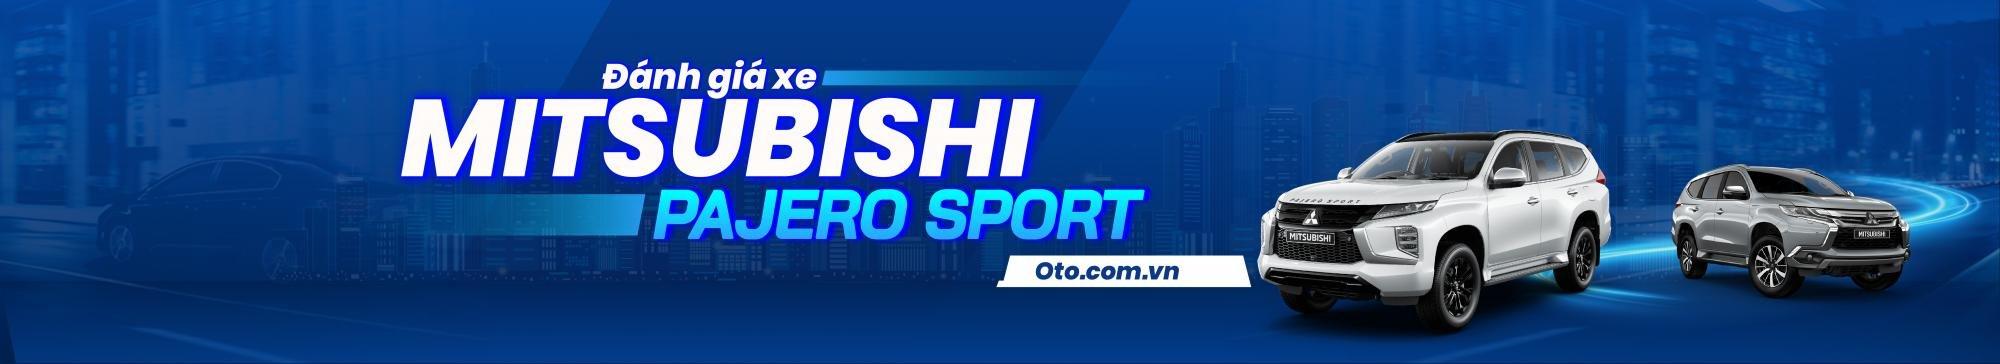 Đánh giá xe Mitsubishi Pajero Sport 2020